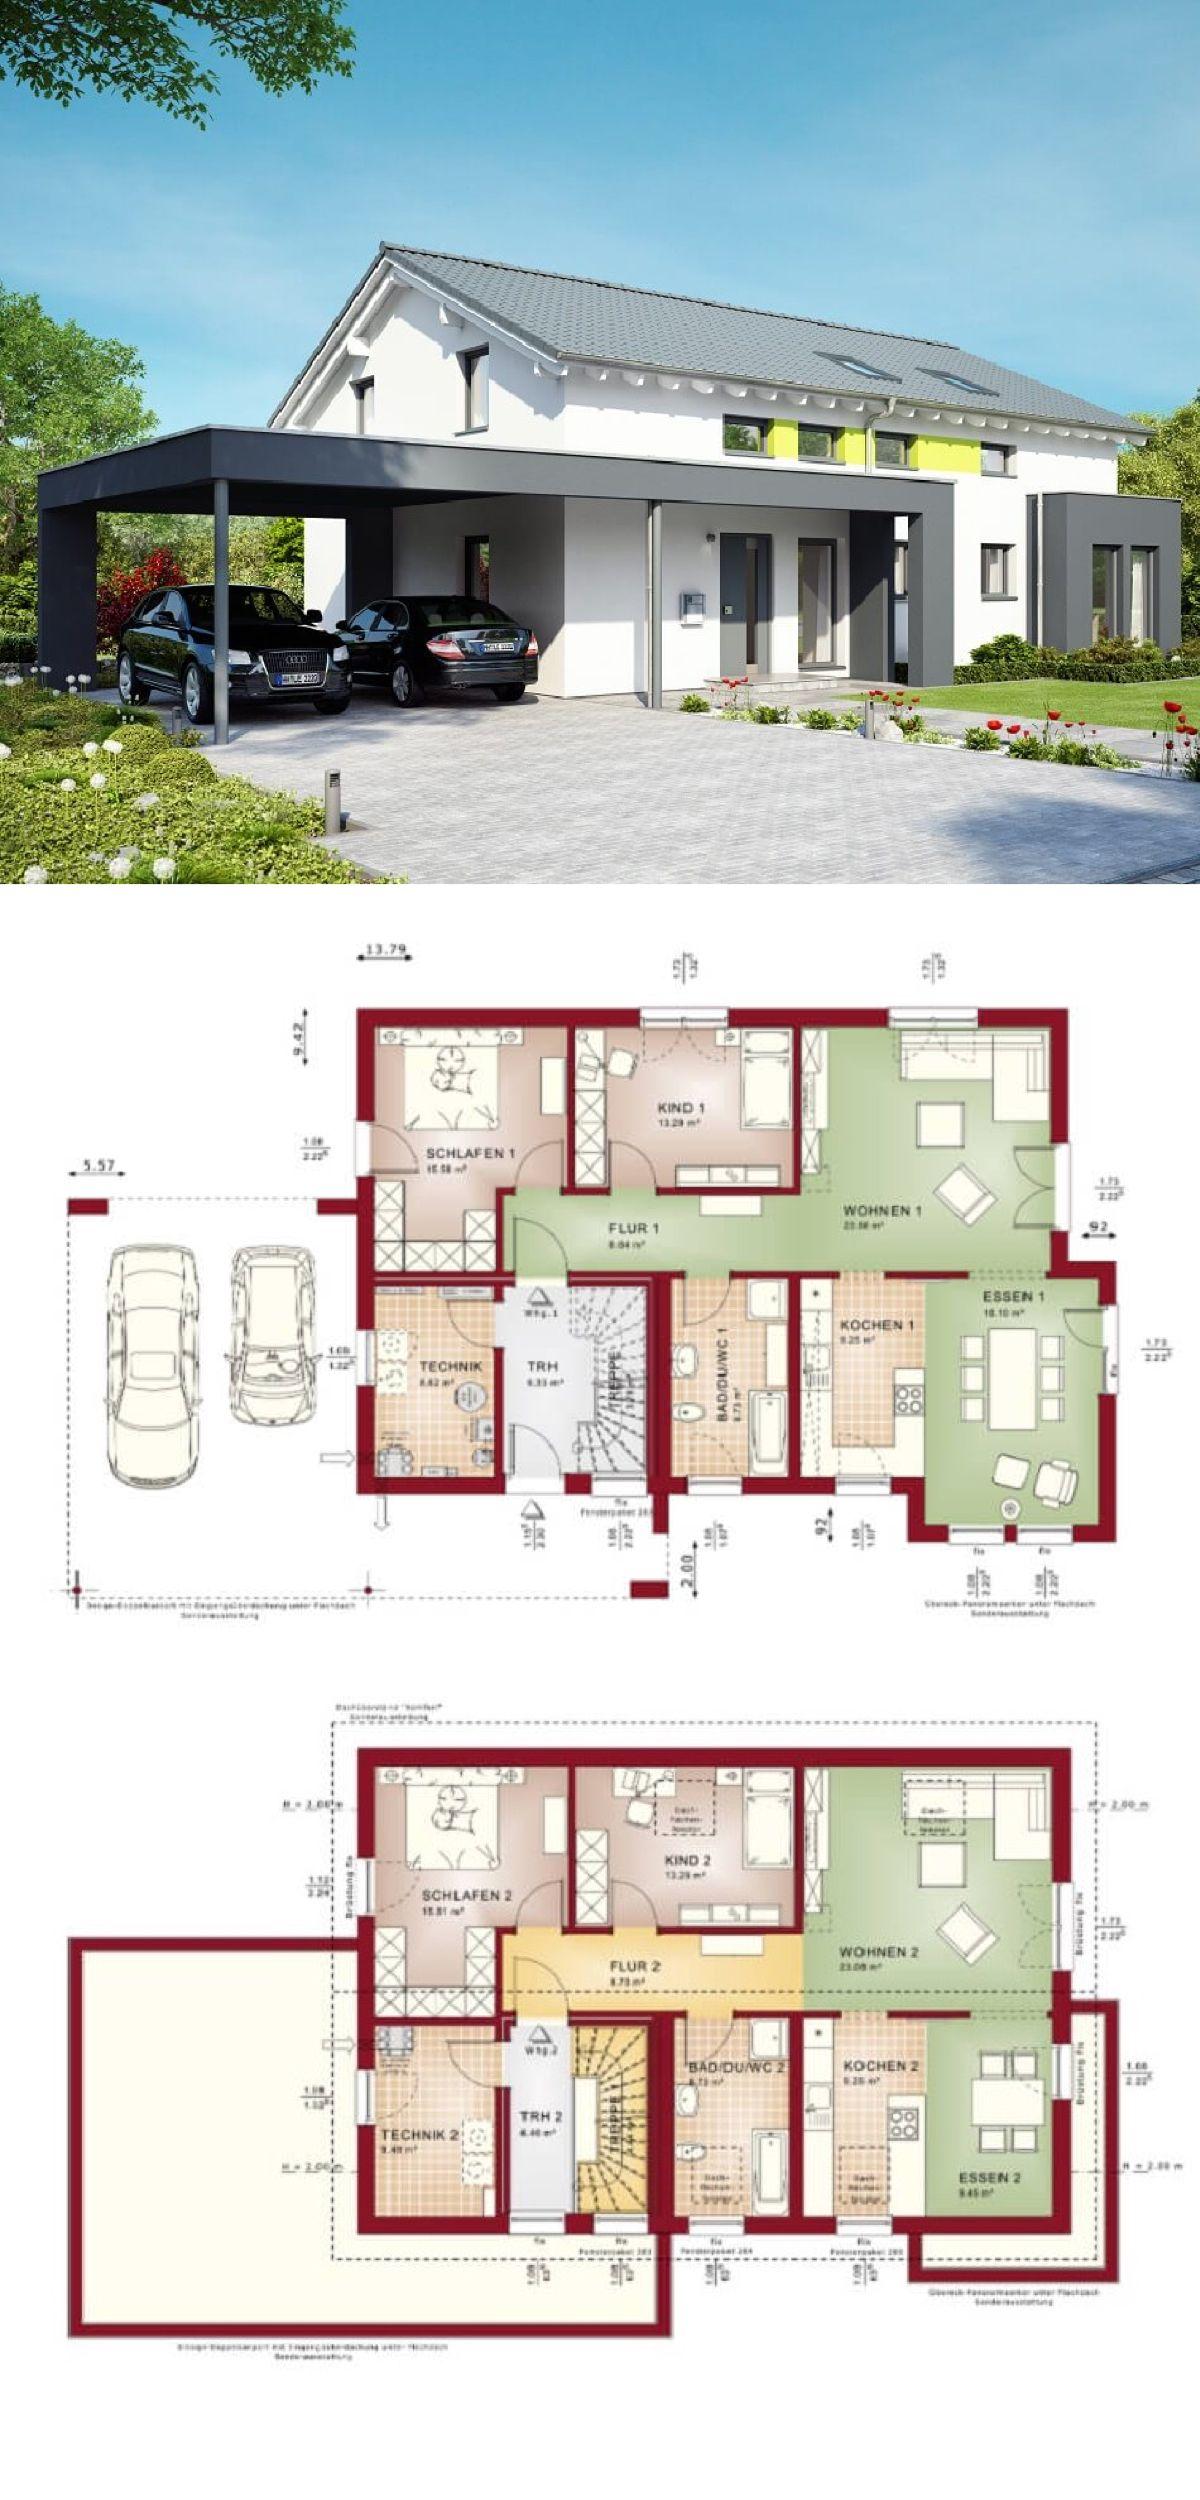 Zweifamilienhaus Modern Mit Satteldach Und Carport Haus Grundriss Celebration 211 V4 Bien Zenker Fertighaus Haus Haus Grundriss Zweifamilienhaus Sims3 Haus